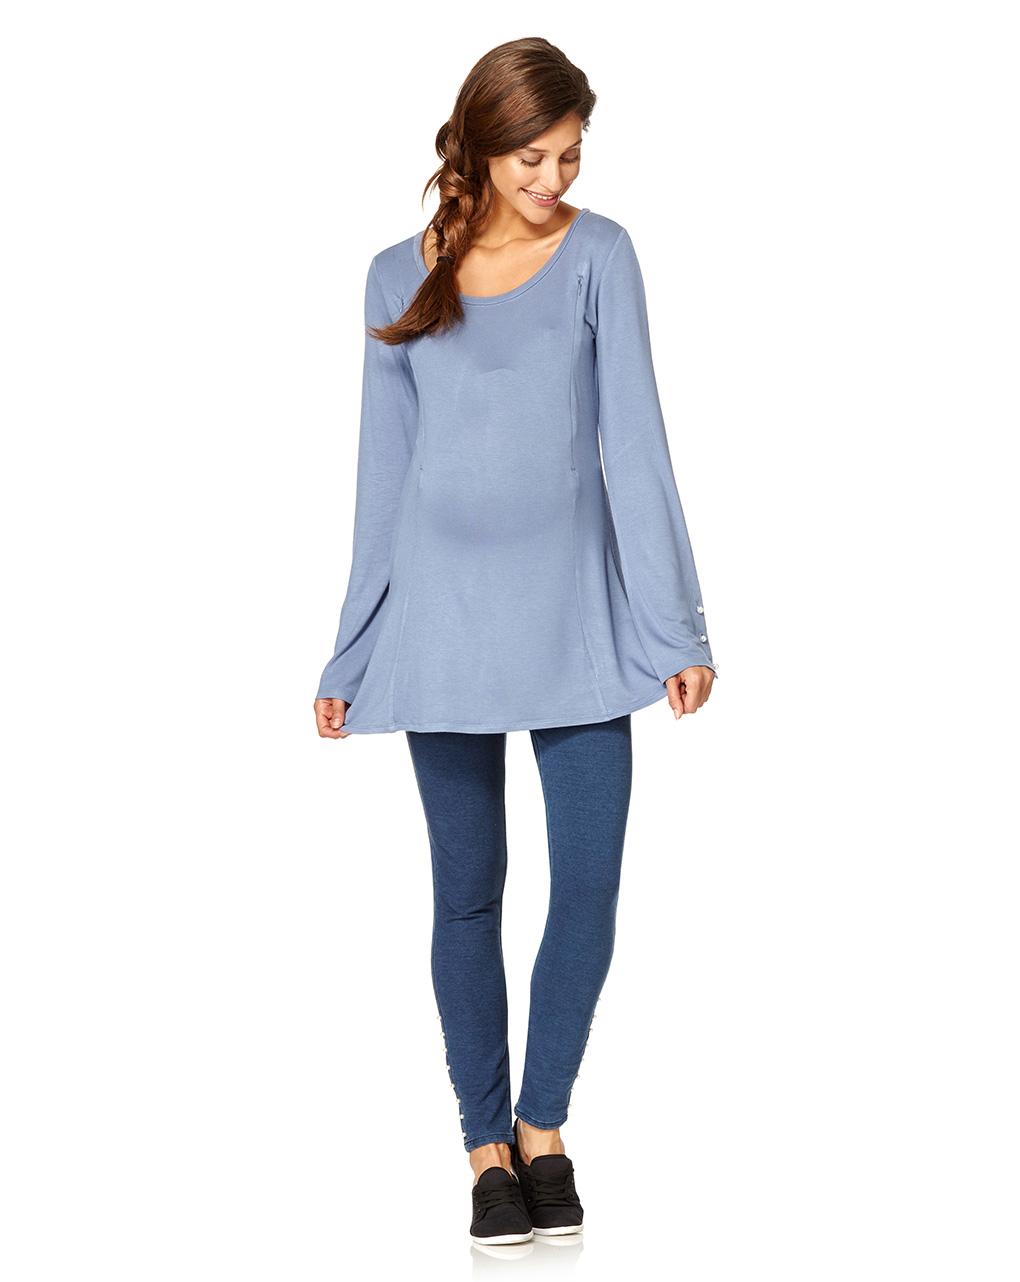 Γυναικεία Μπλούζα Θηλασμού Γαλάζια